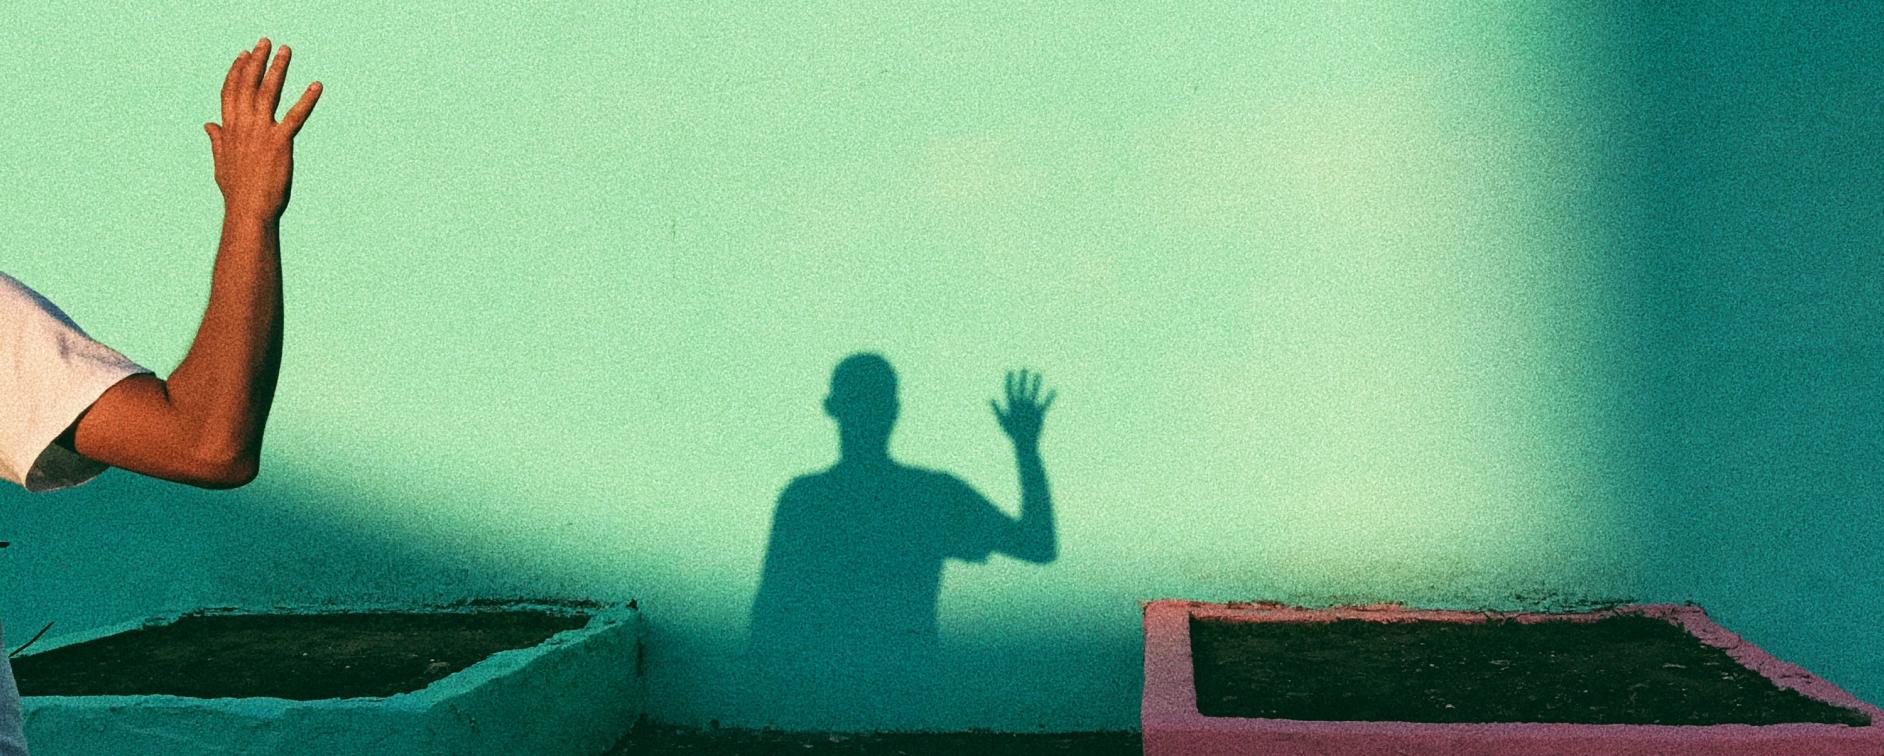 Sombra de hombre saludando